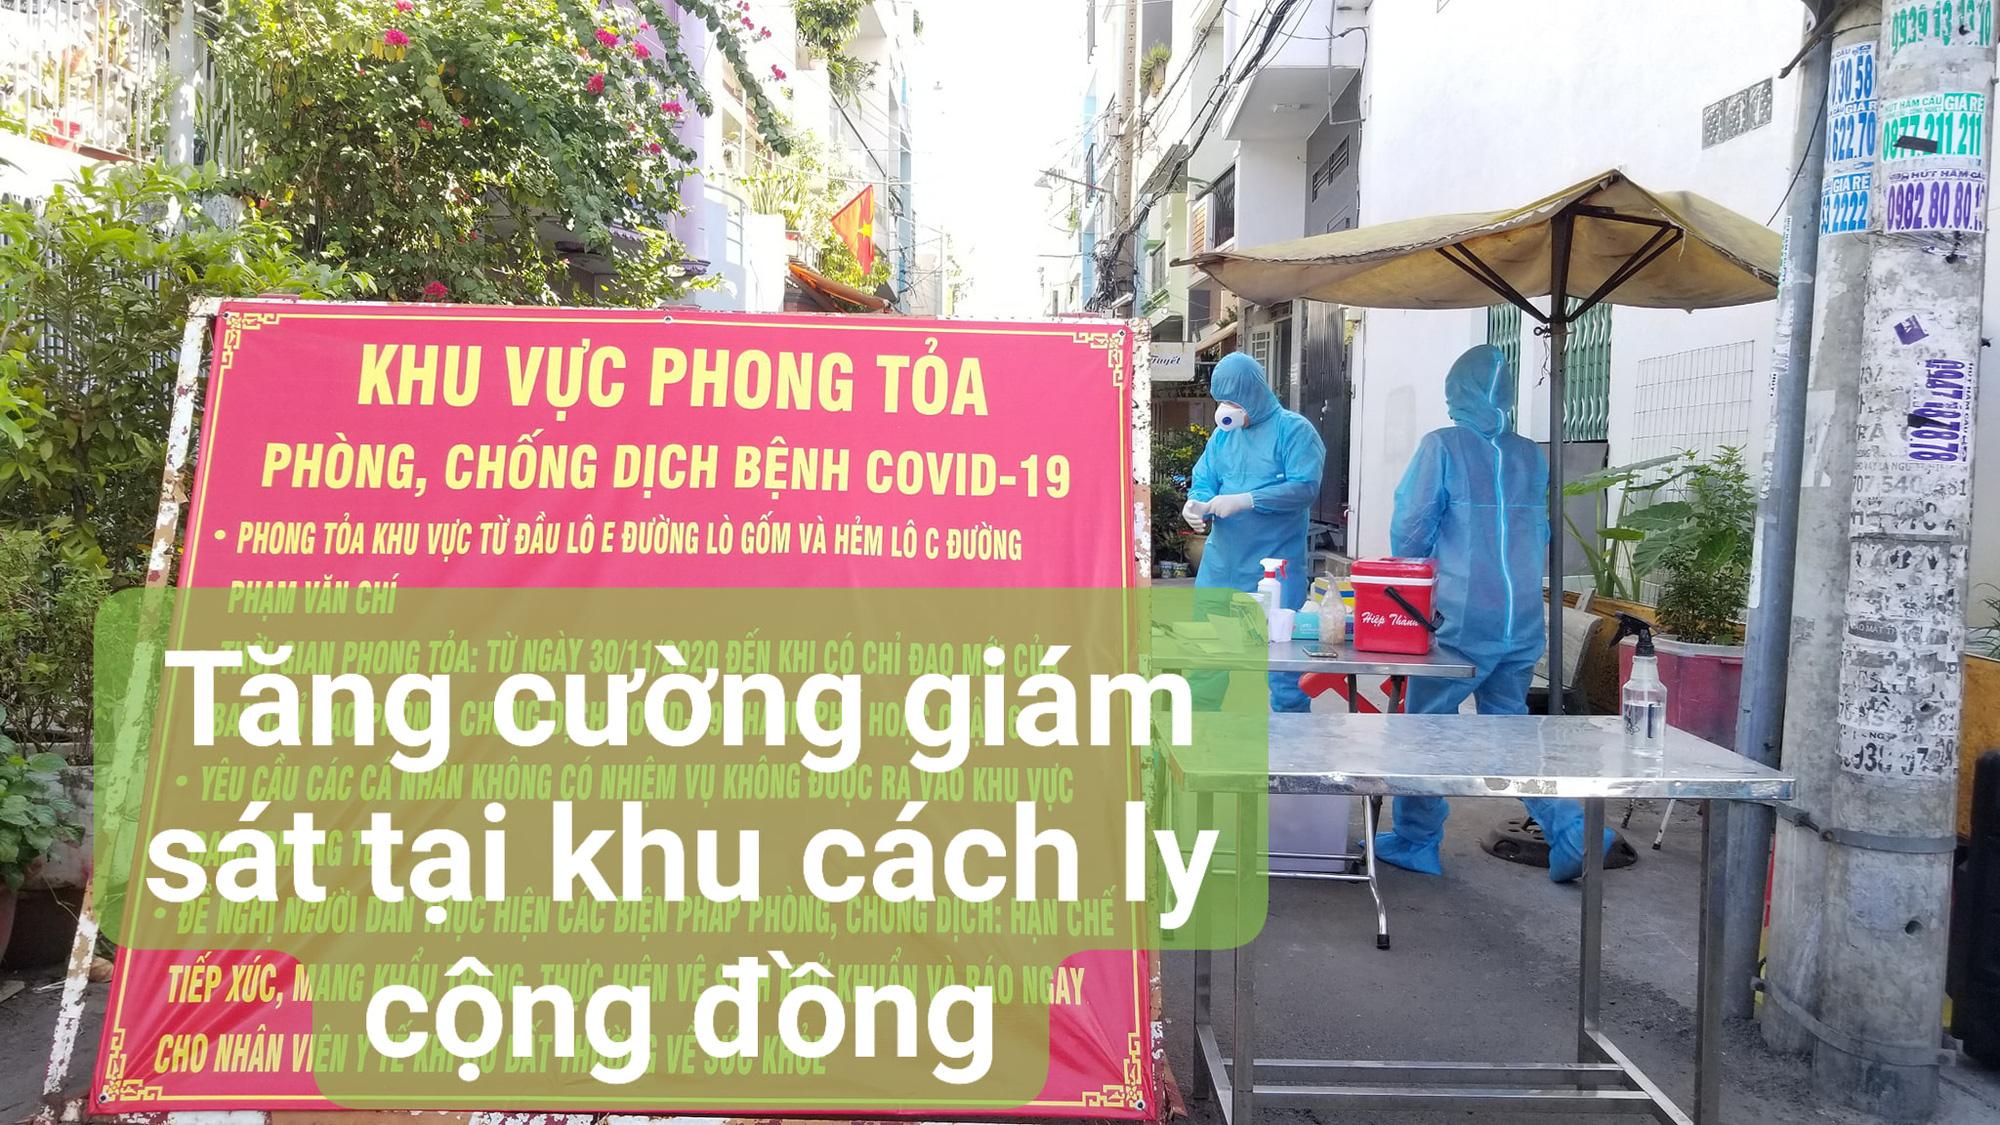 Tinh Hinh Dịch Bệnh Covid 19 Mới Nhất Tại Tp Hcm Hom Nay Bao Người Lao động